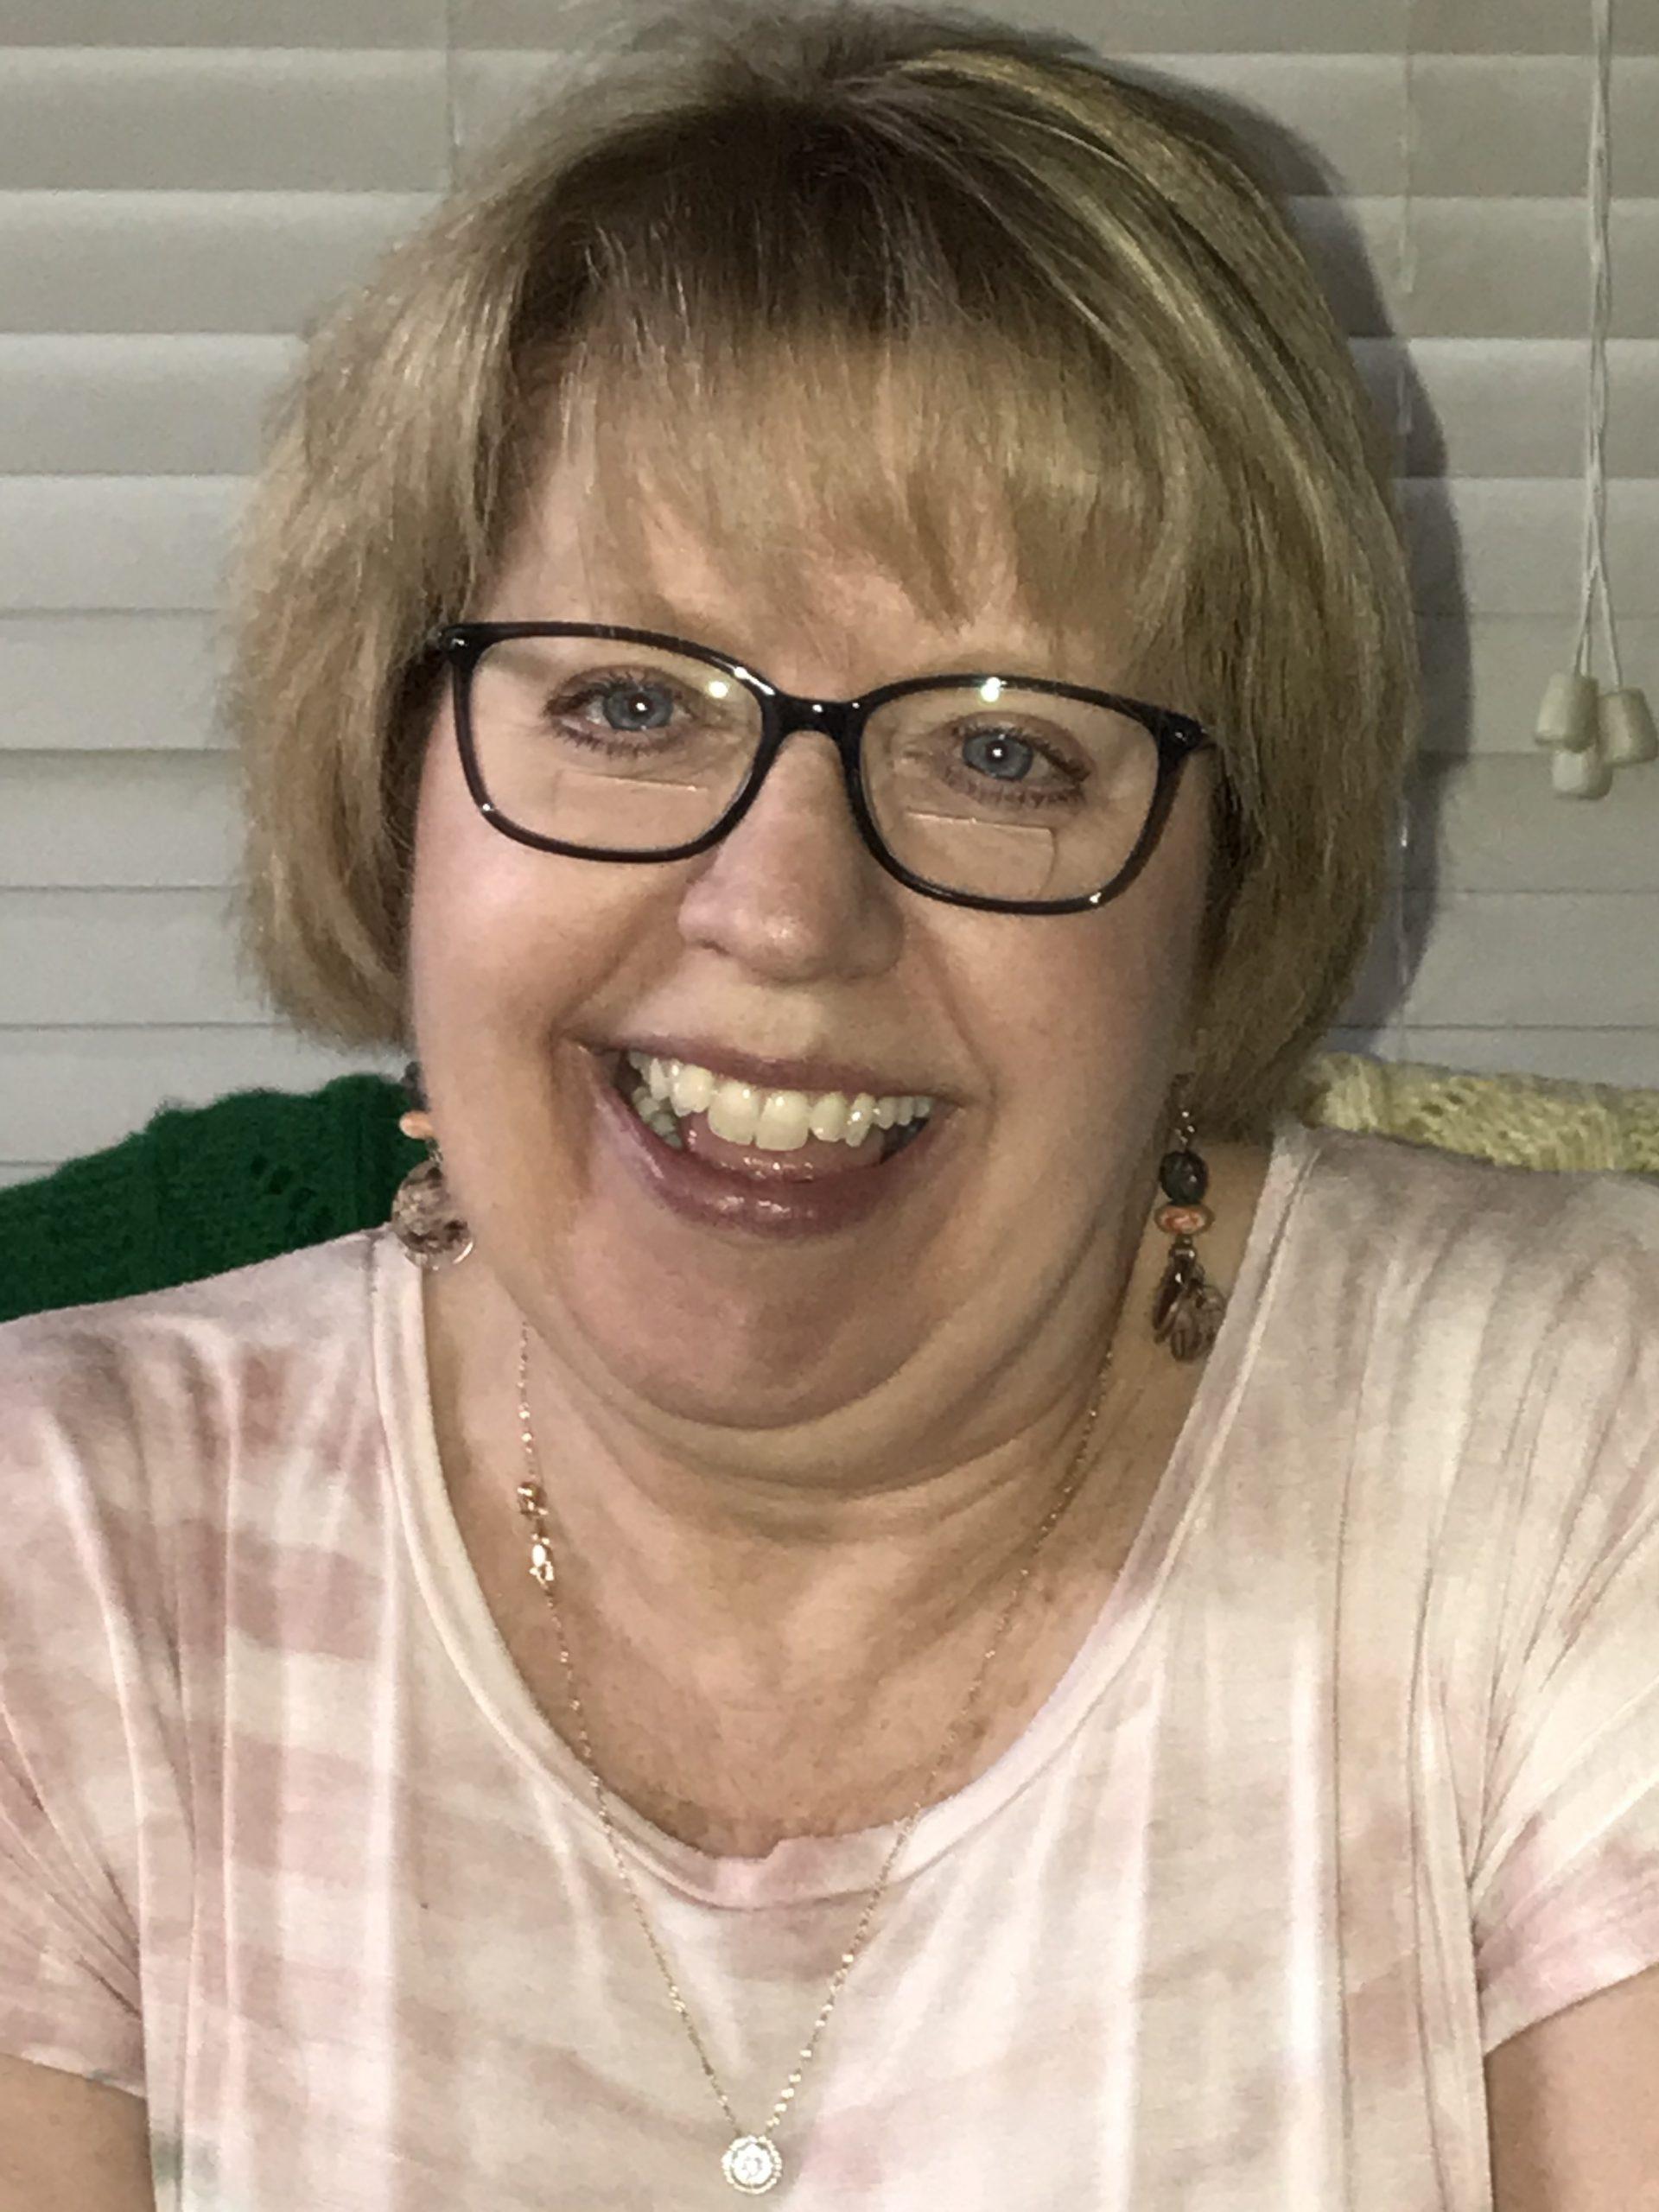 Marla profile picture